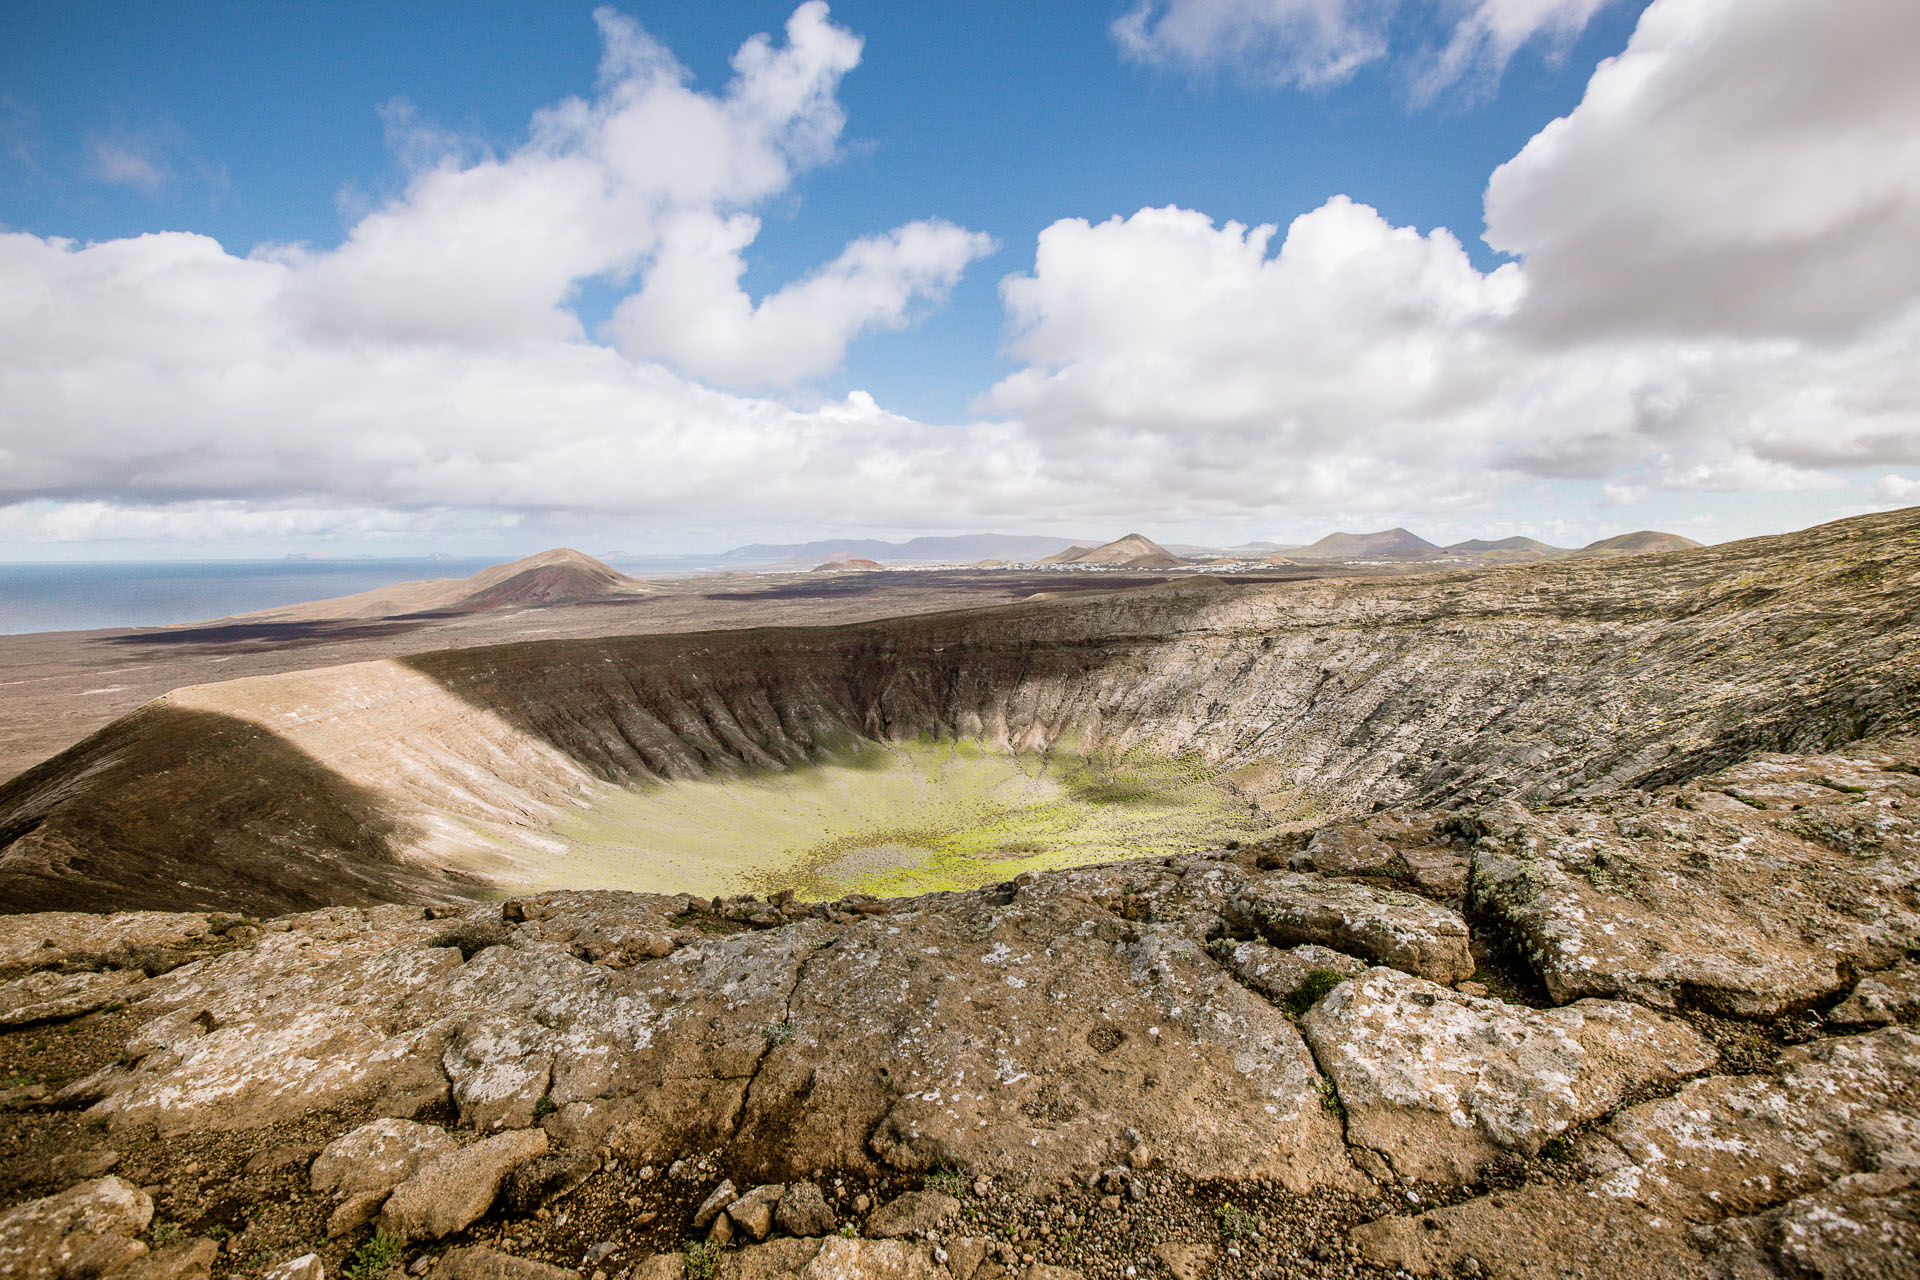 Cratère du volcan de la Caldera Blanca